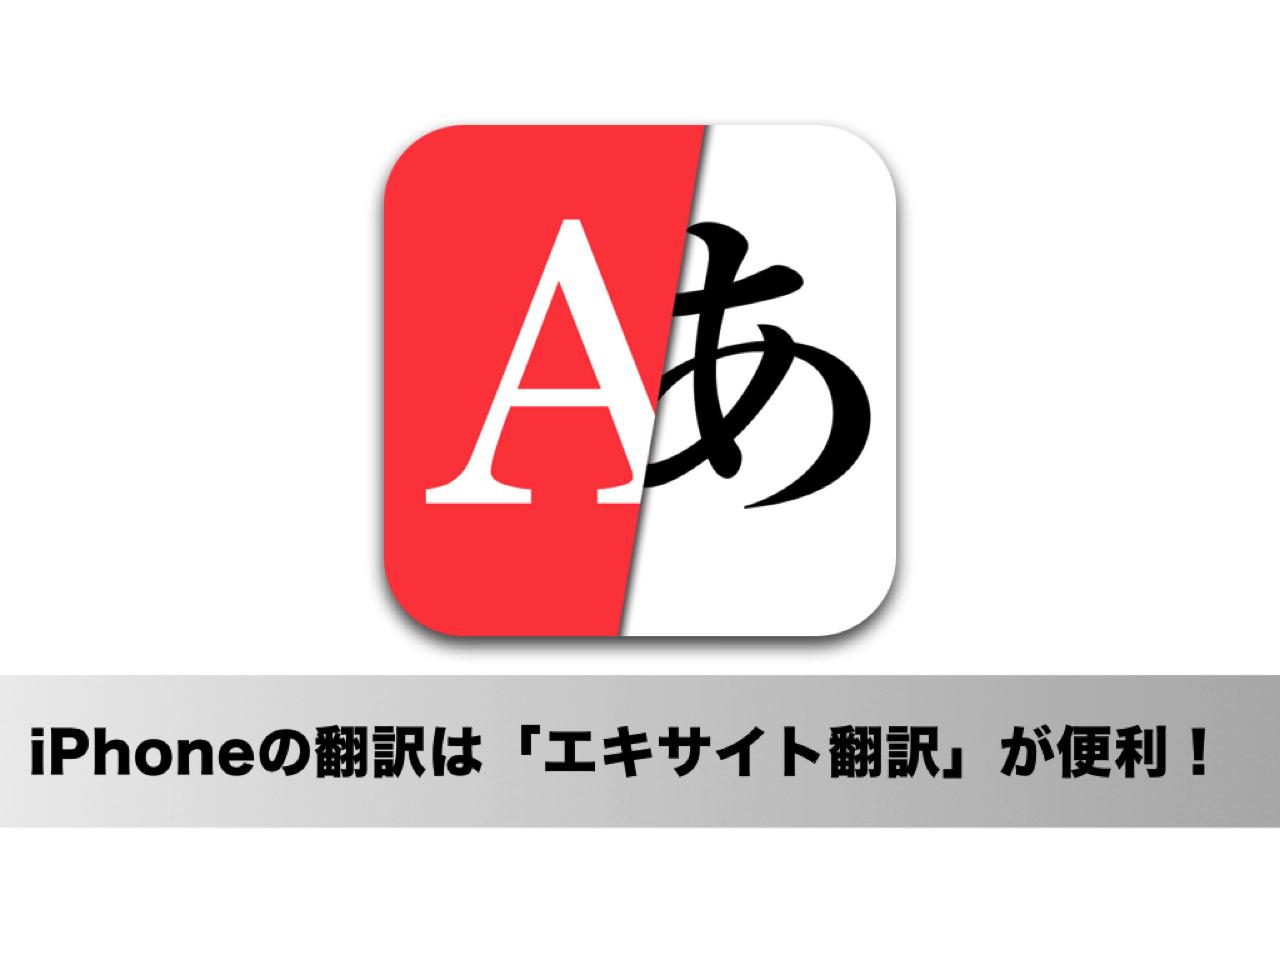 面倒なコピペ作業なしで快適に翻訳できるiPhoneアプリ「エキサイト翻訳」